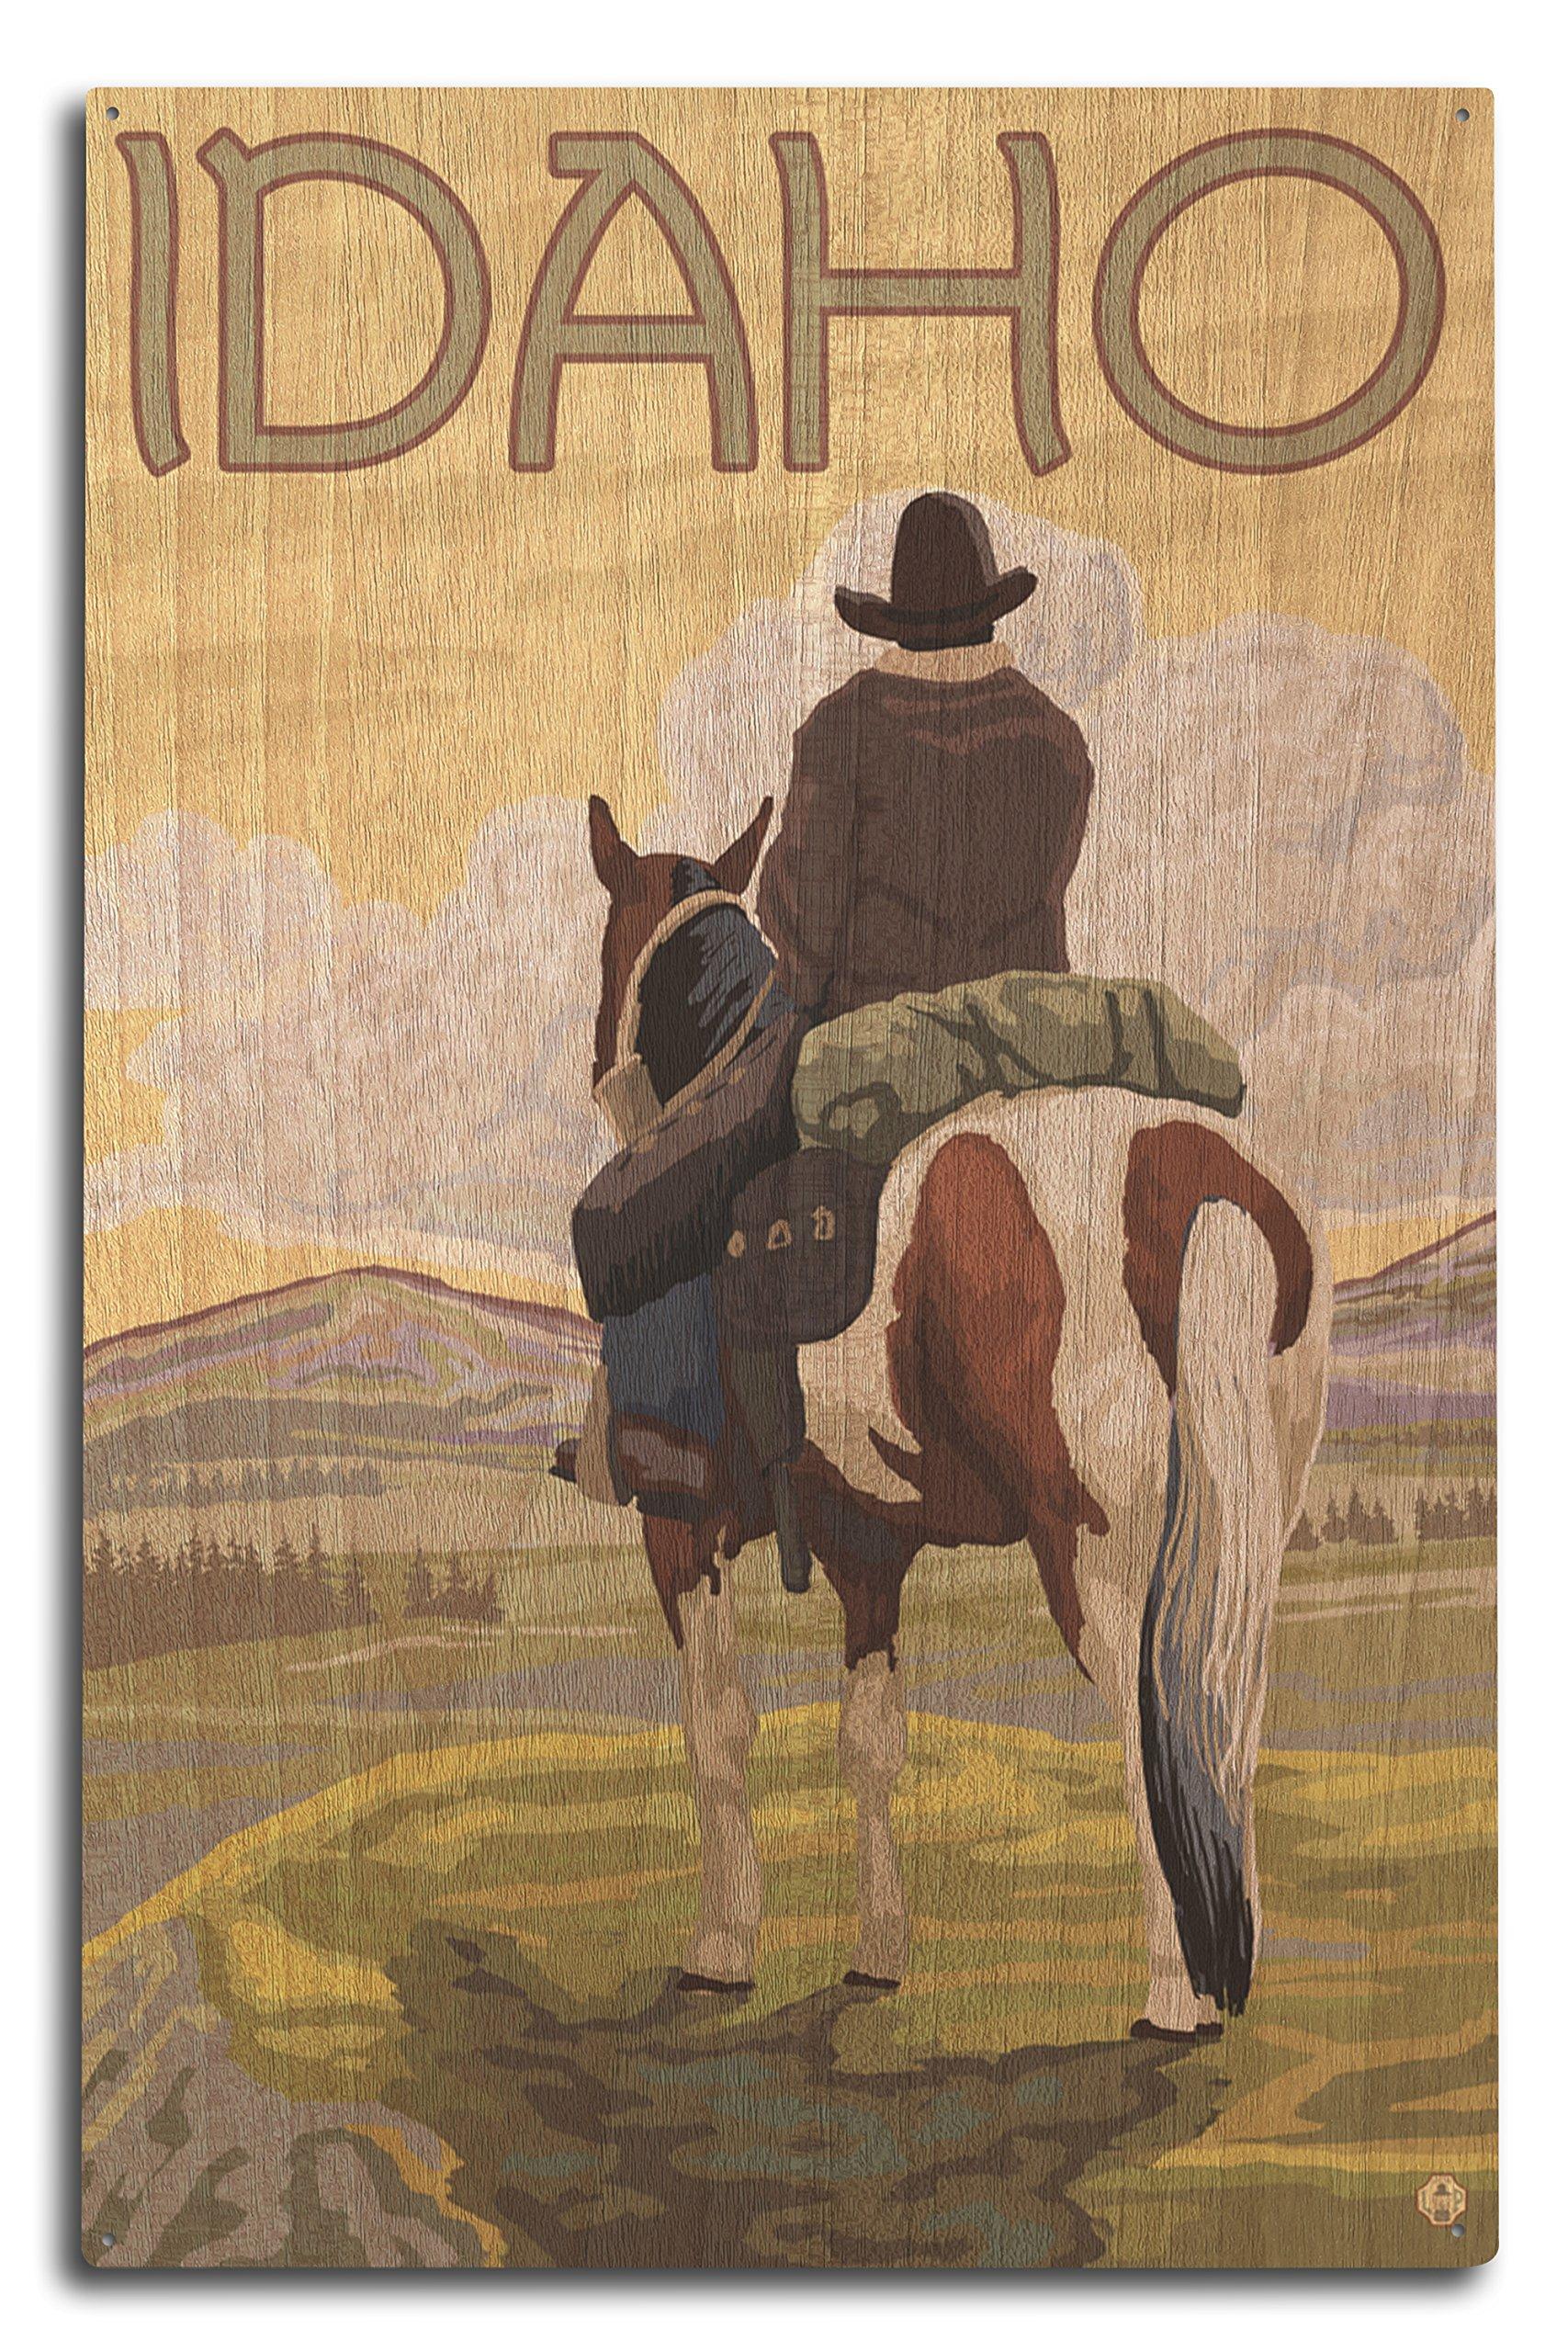 Lantern Press Idaho - Cowboy and Horse (10x15 Wood Wall Sign, Wall Decor Ready to Hang)